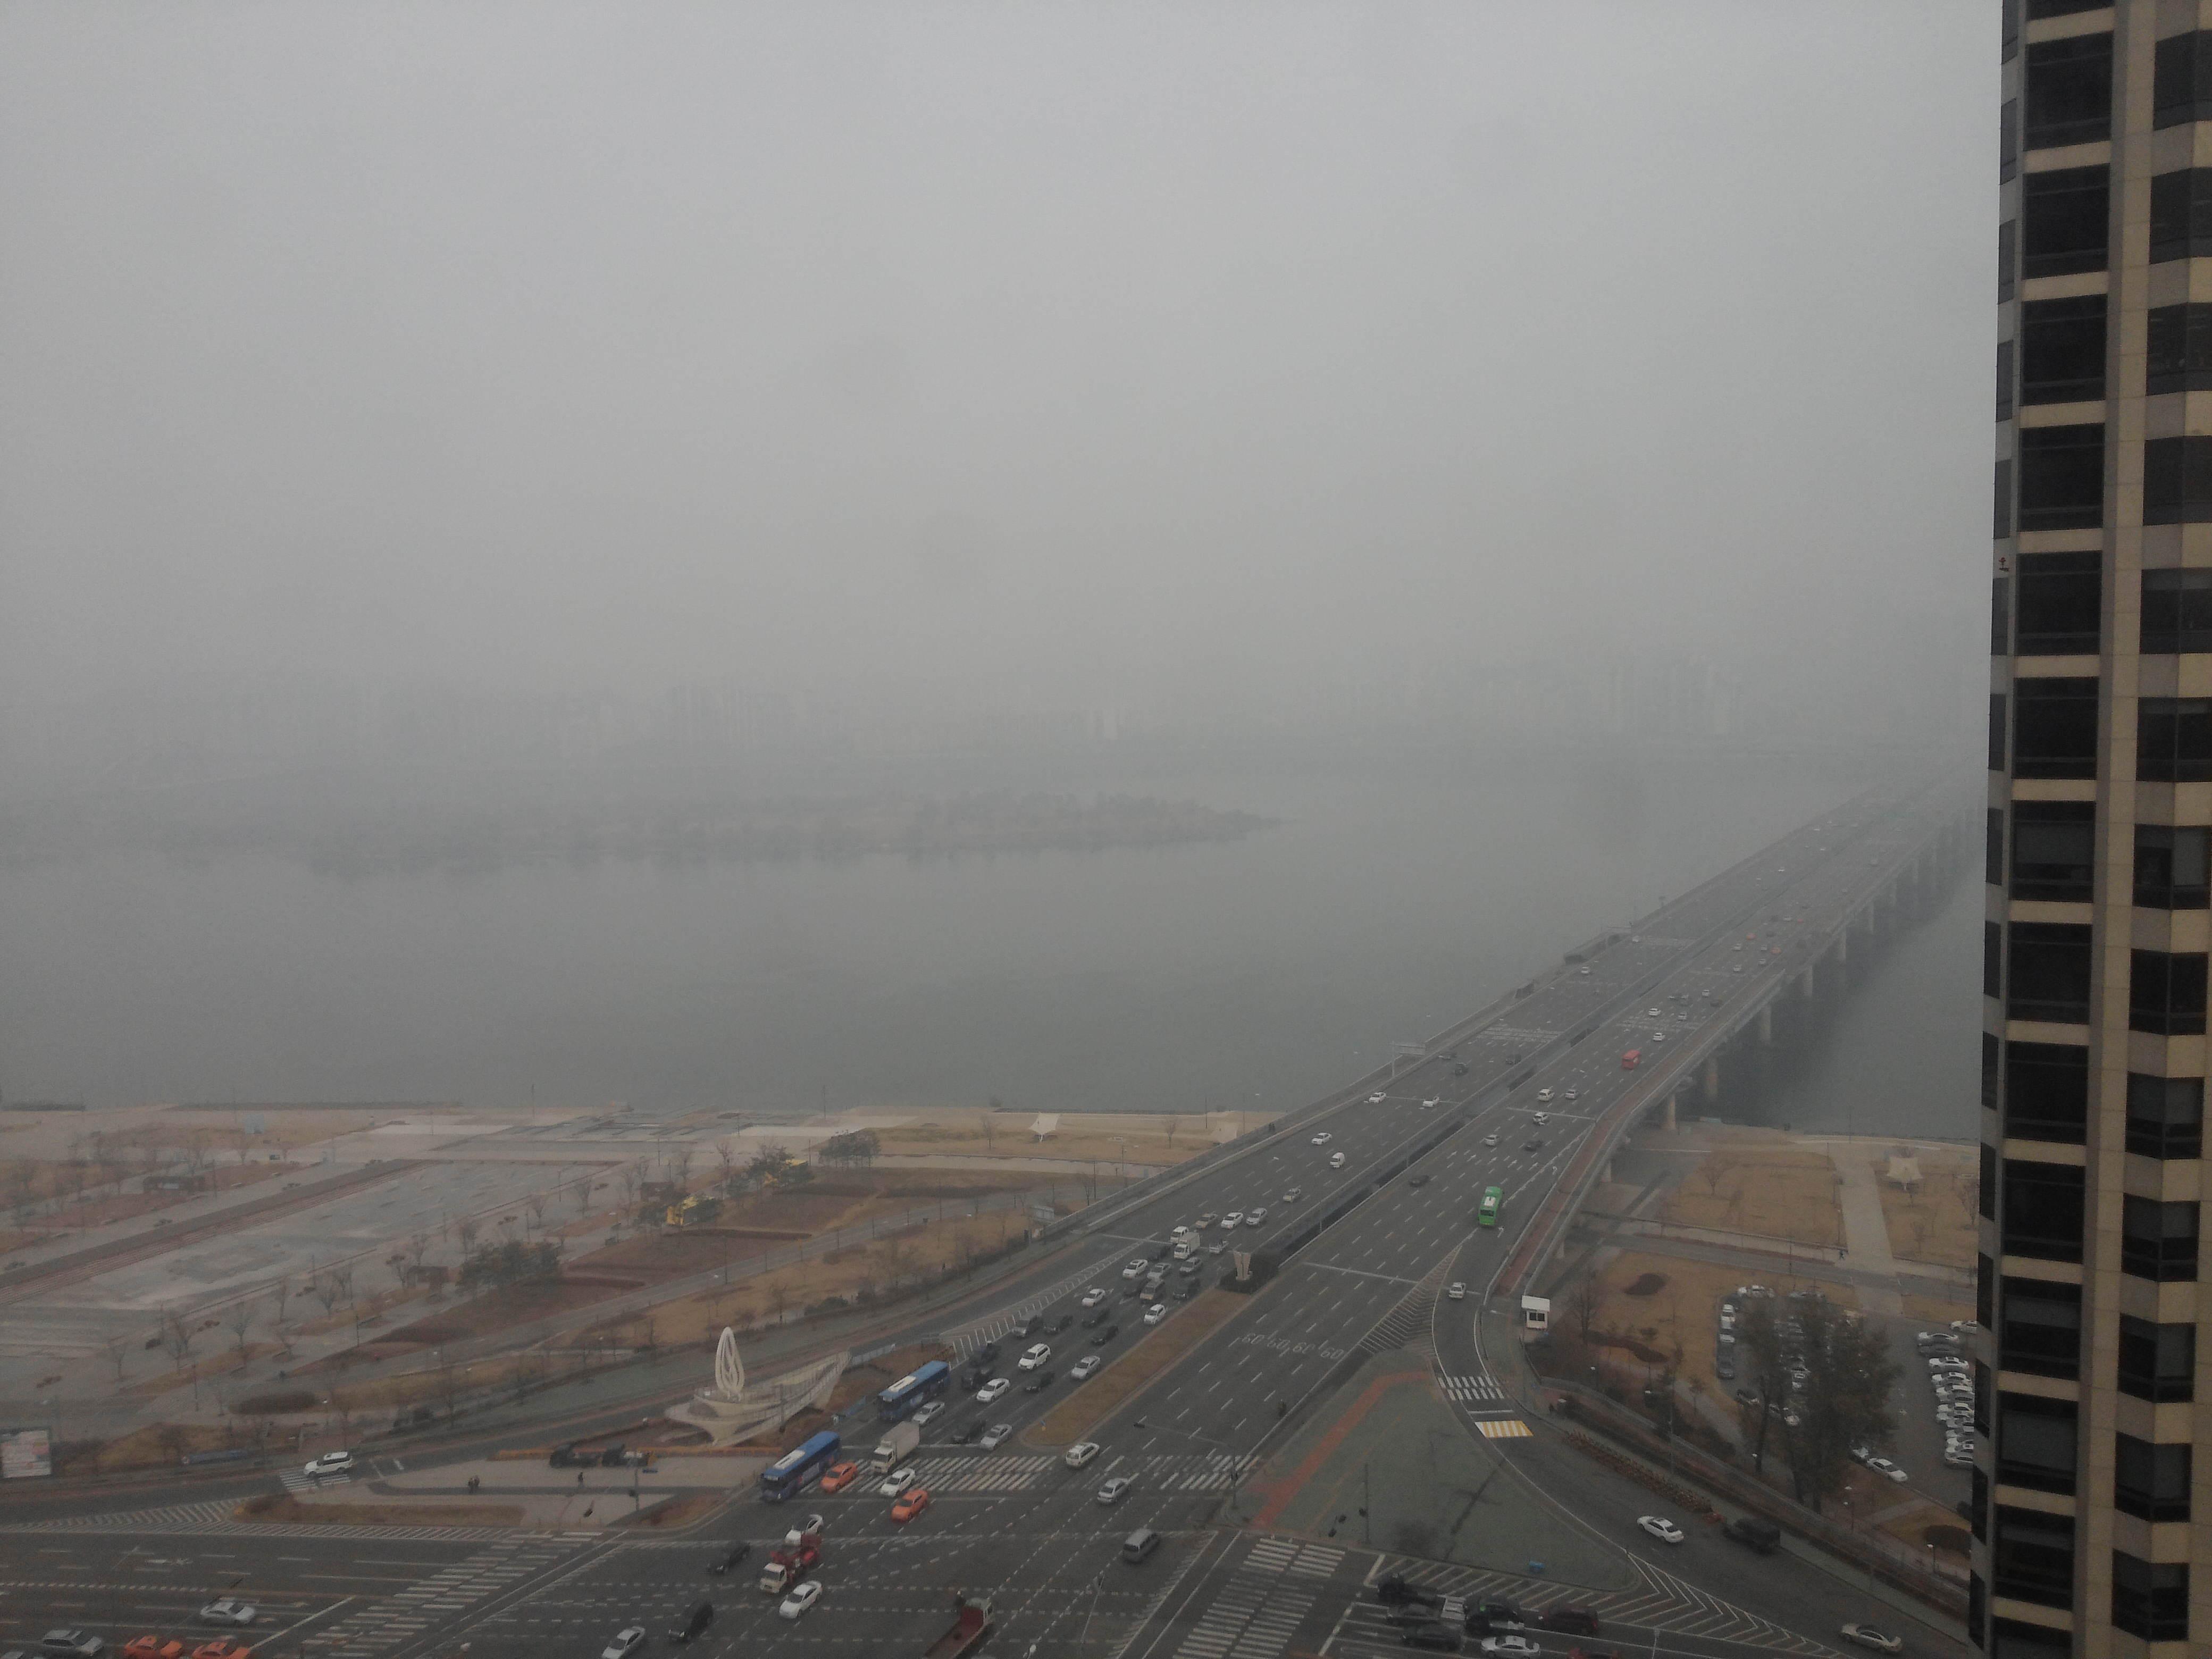 Chiński smog i koreańskie korpo.